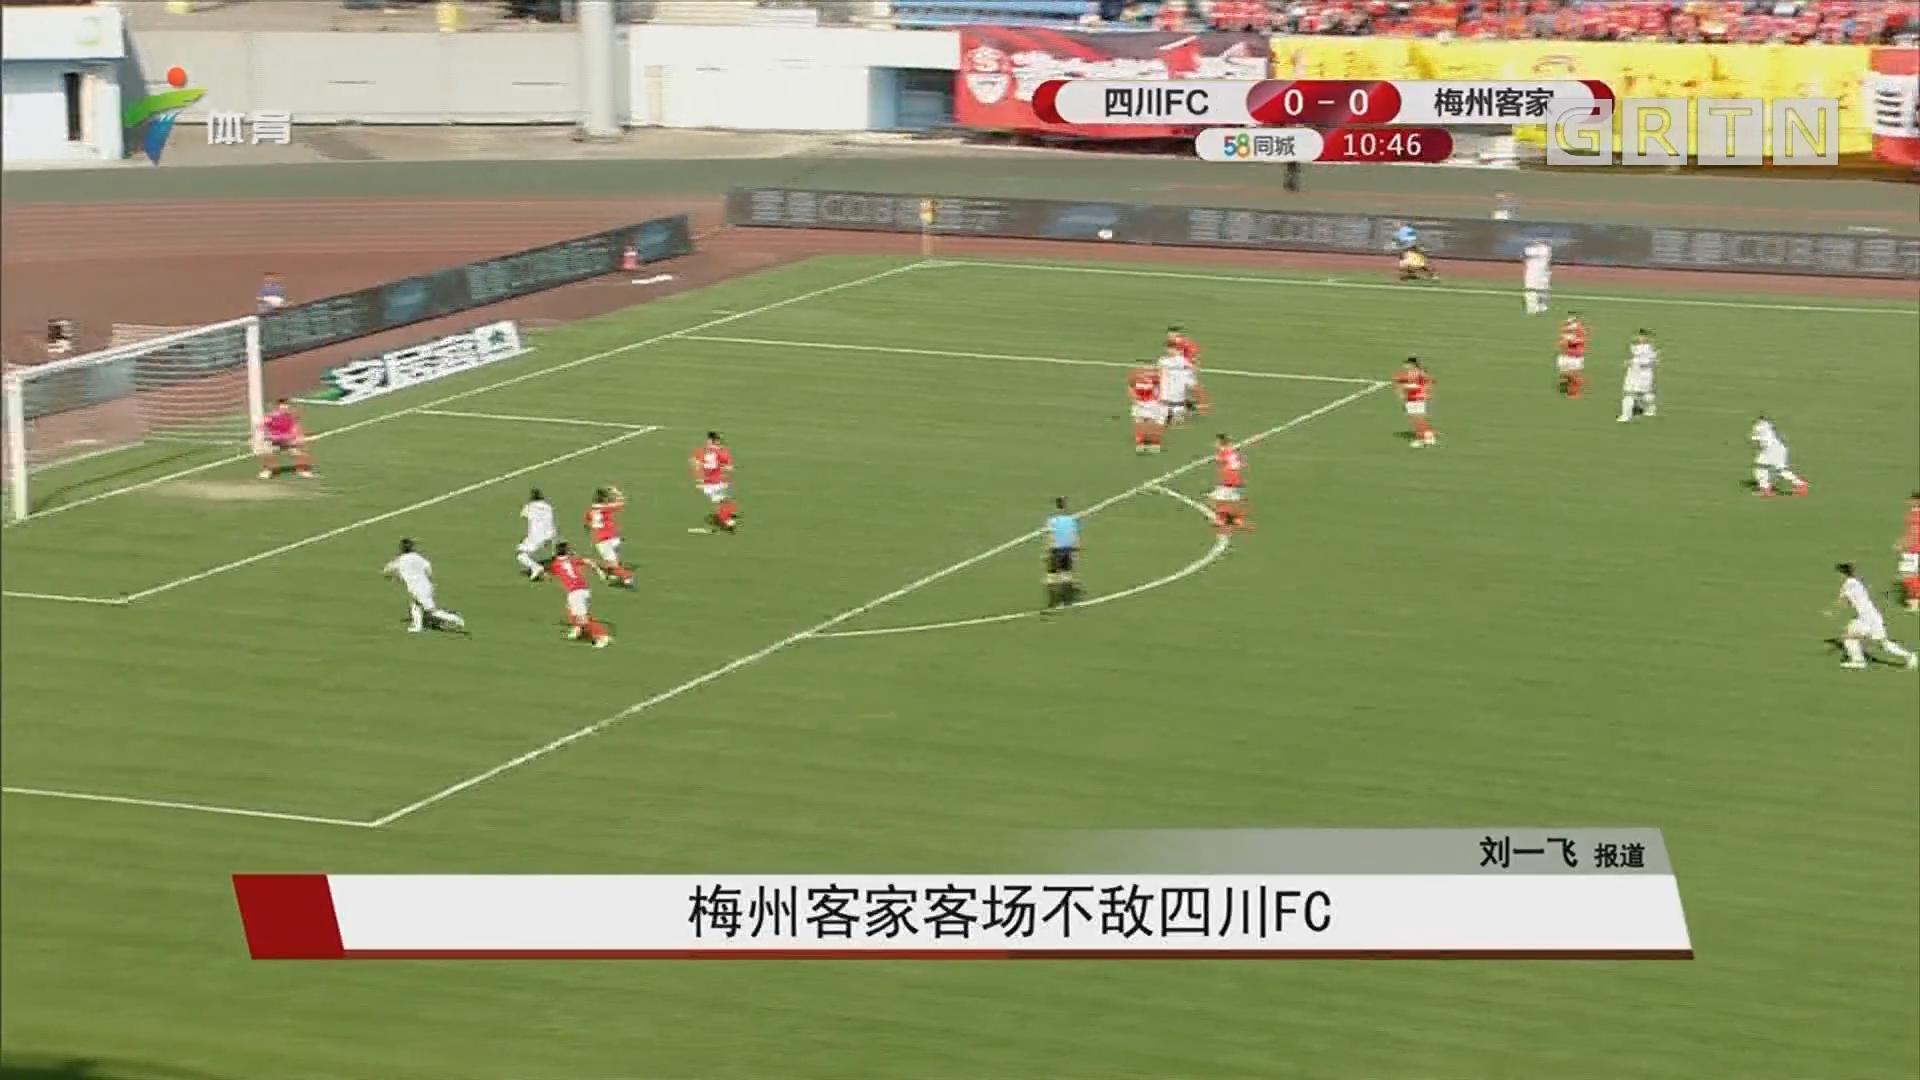 梅州客家客场不敌四川FC